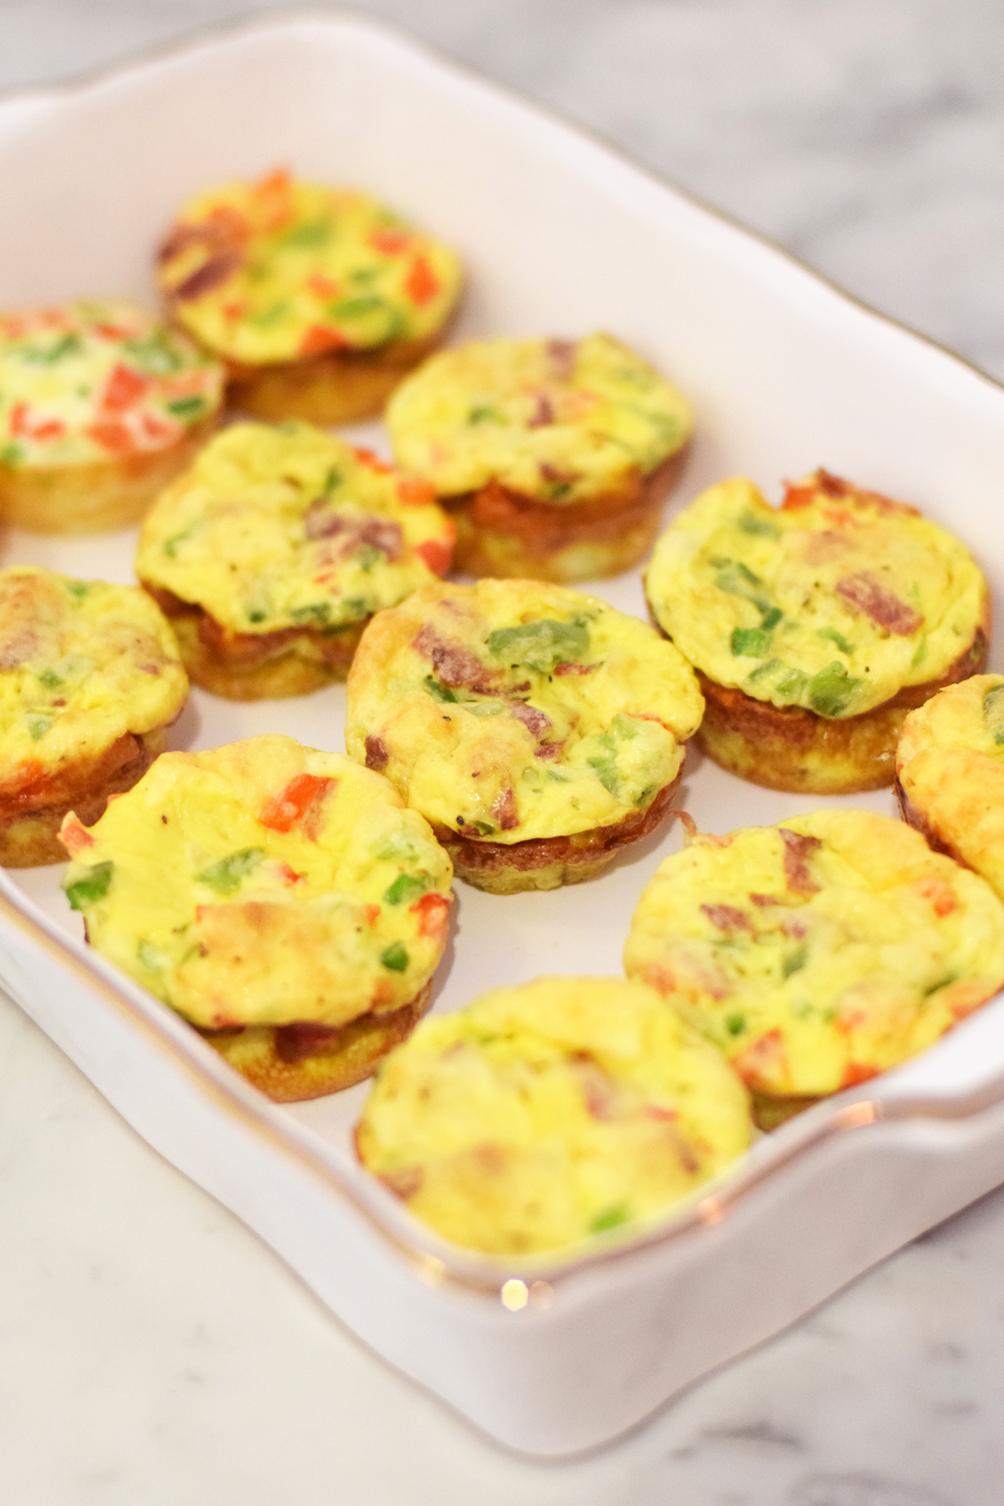 easy baked egg recipe